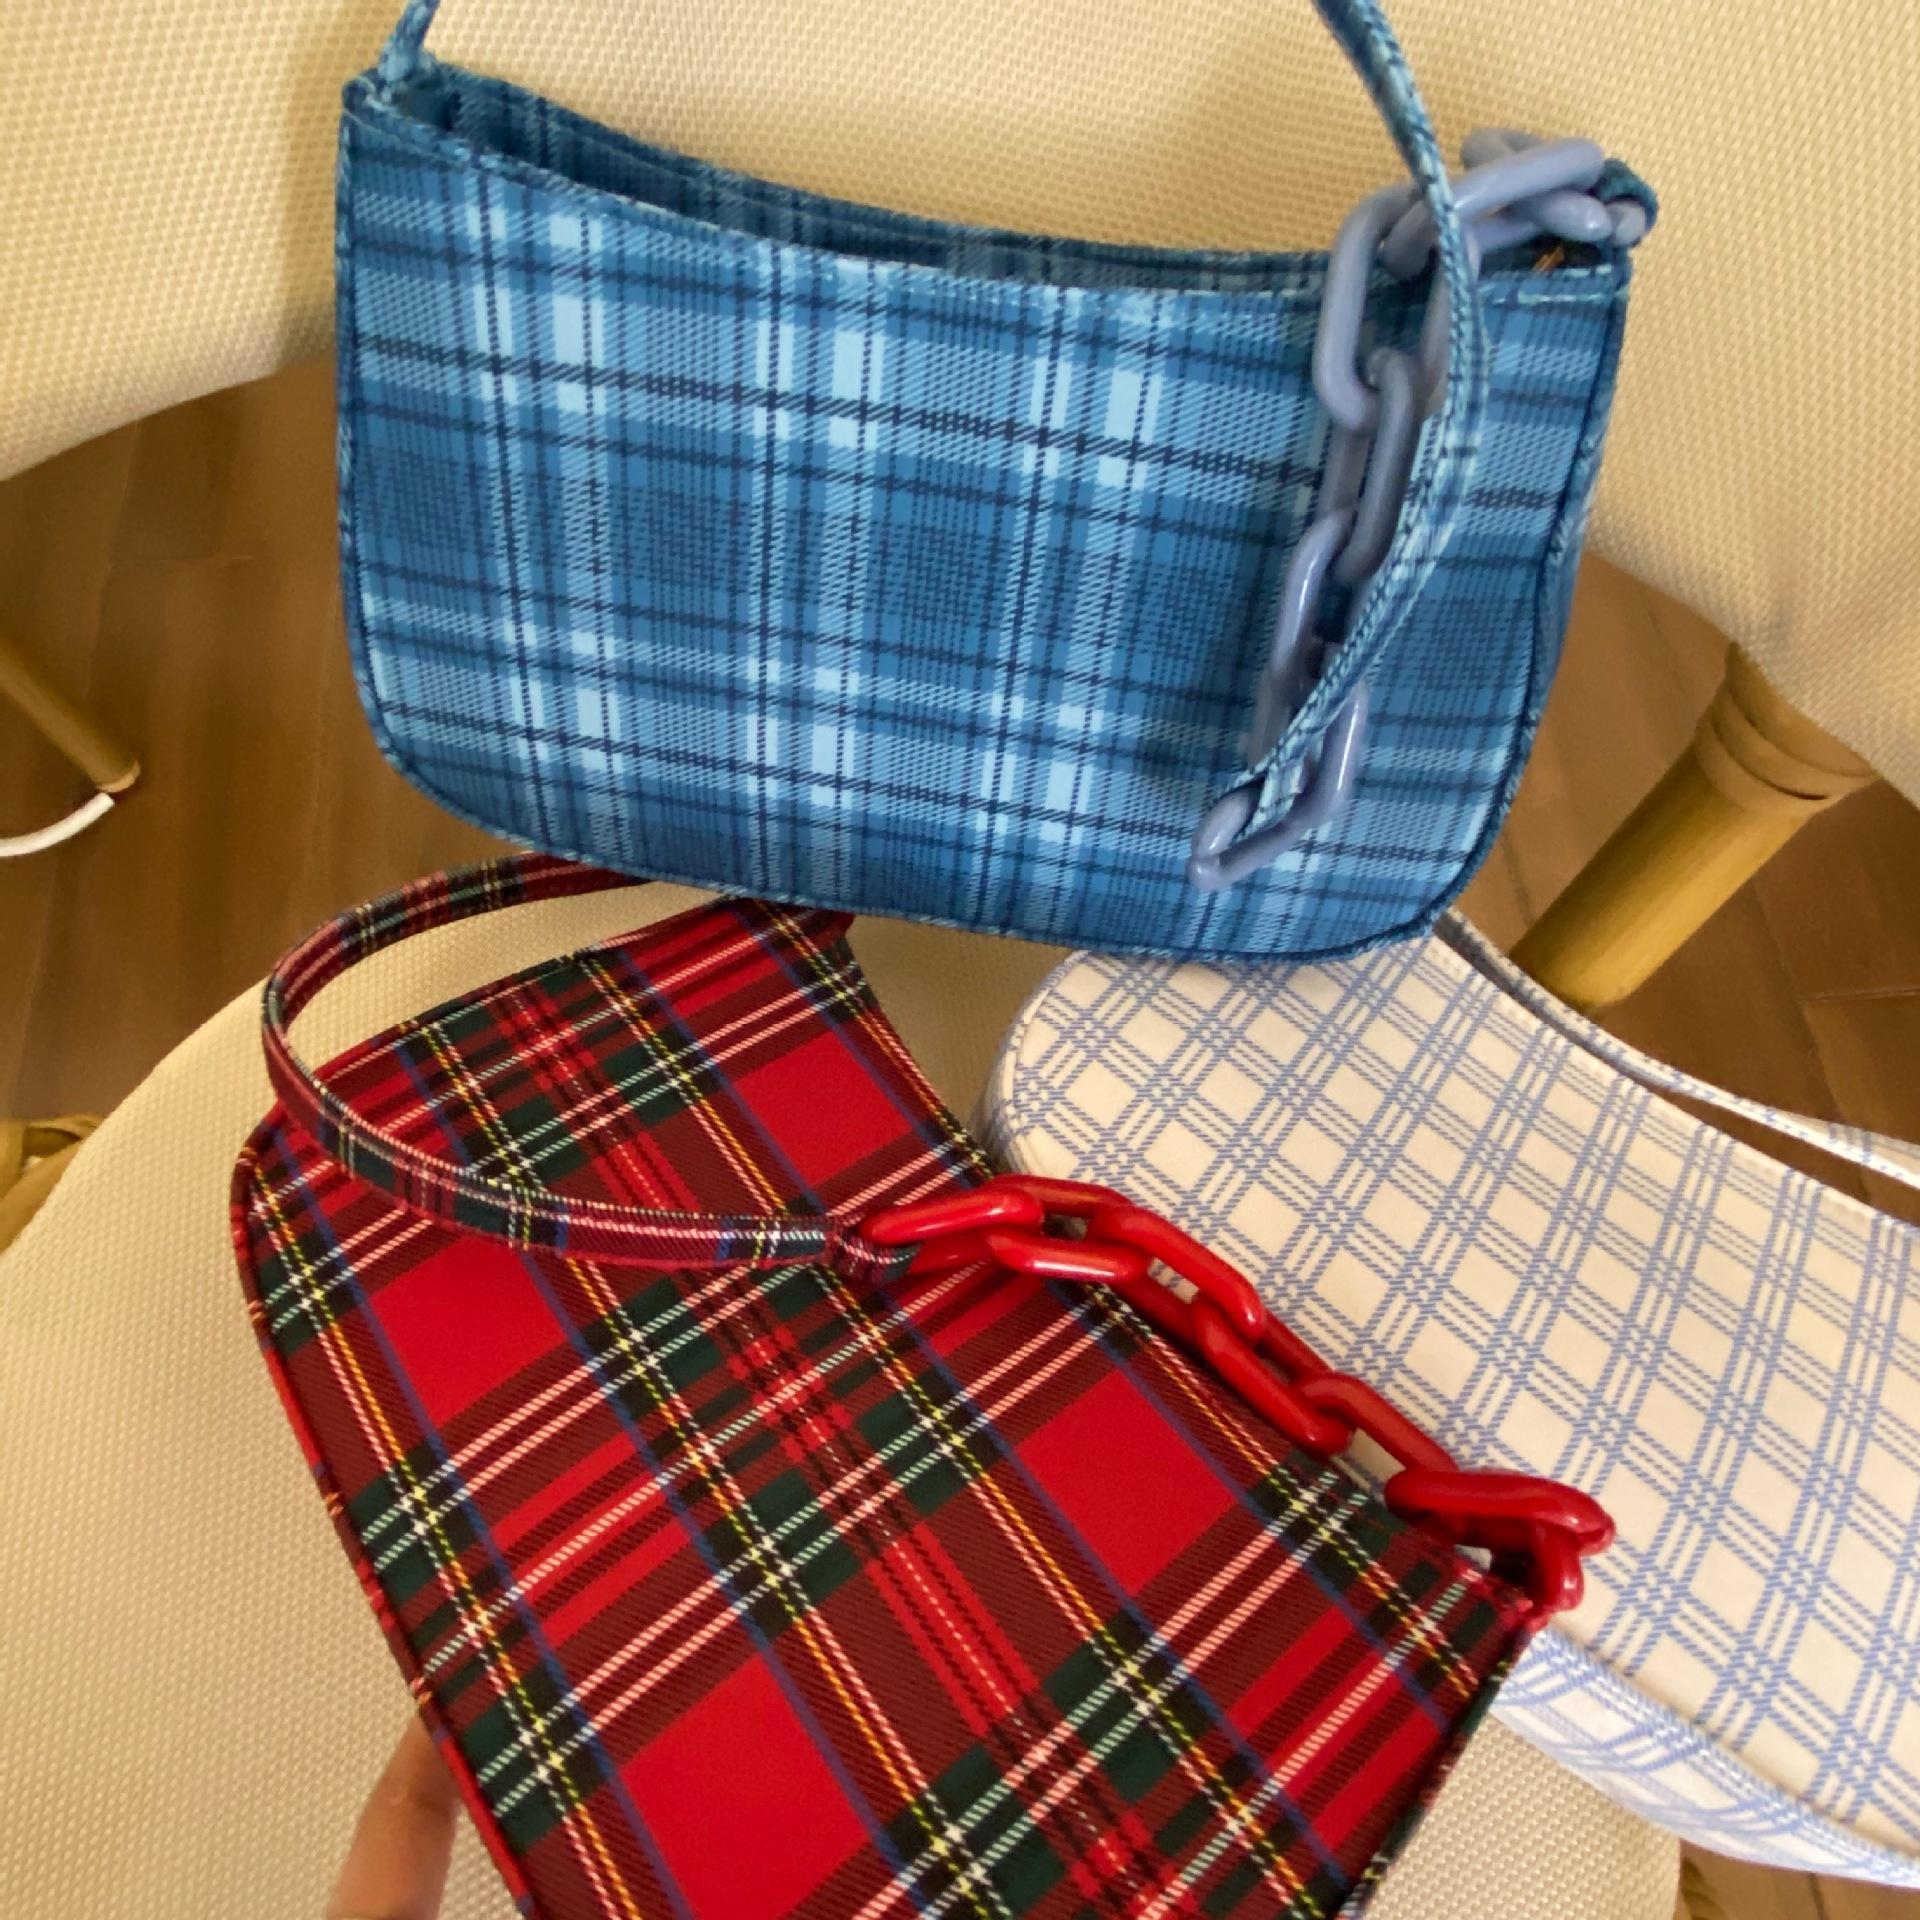 Sac d'été femme 2020 nouvelle poche chaîne sac épaule unique de mode rétro sac axillaire Plaid Baguette